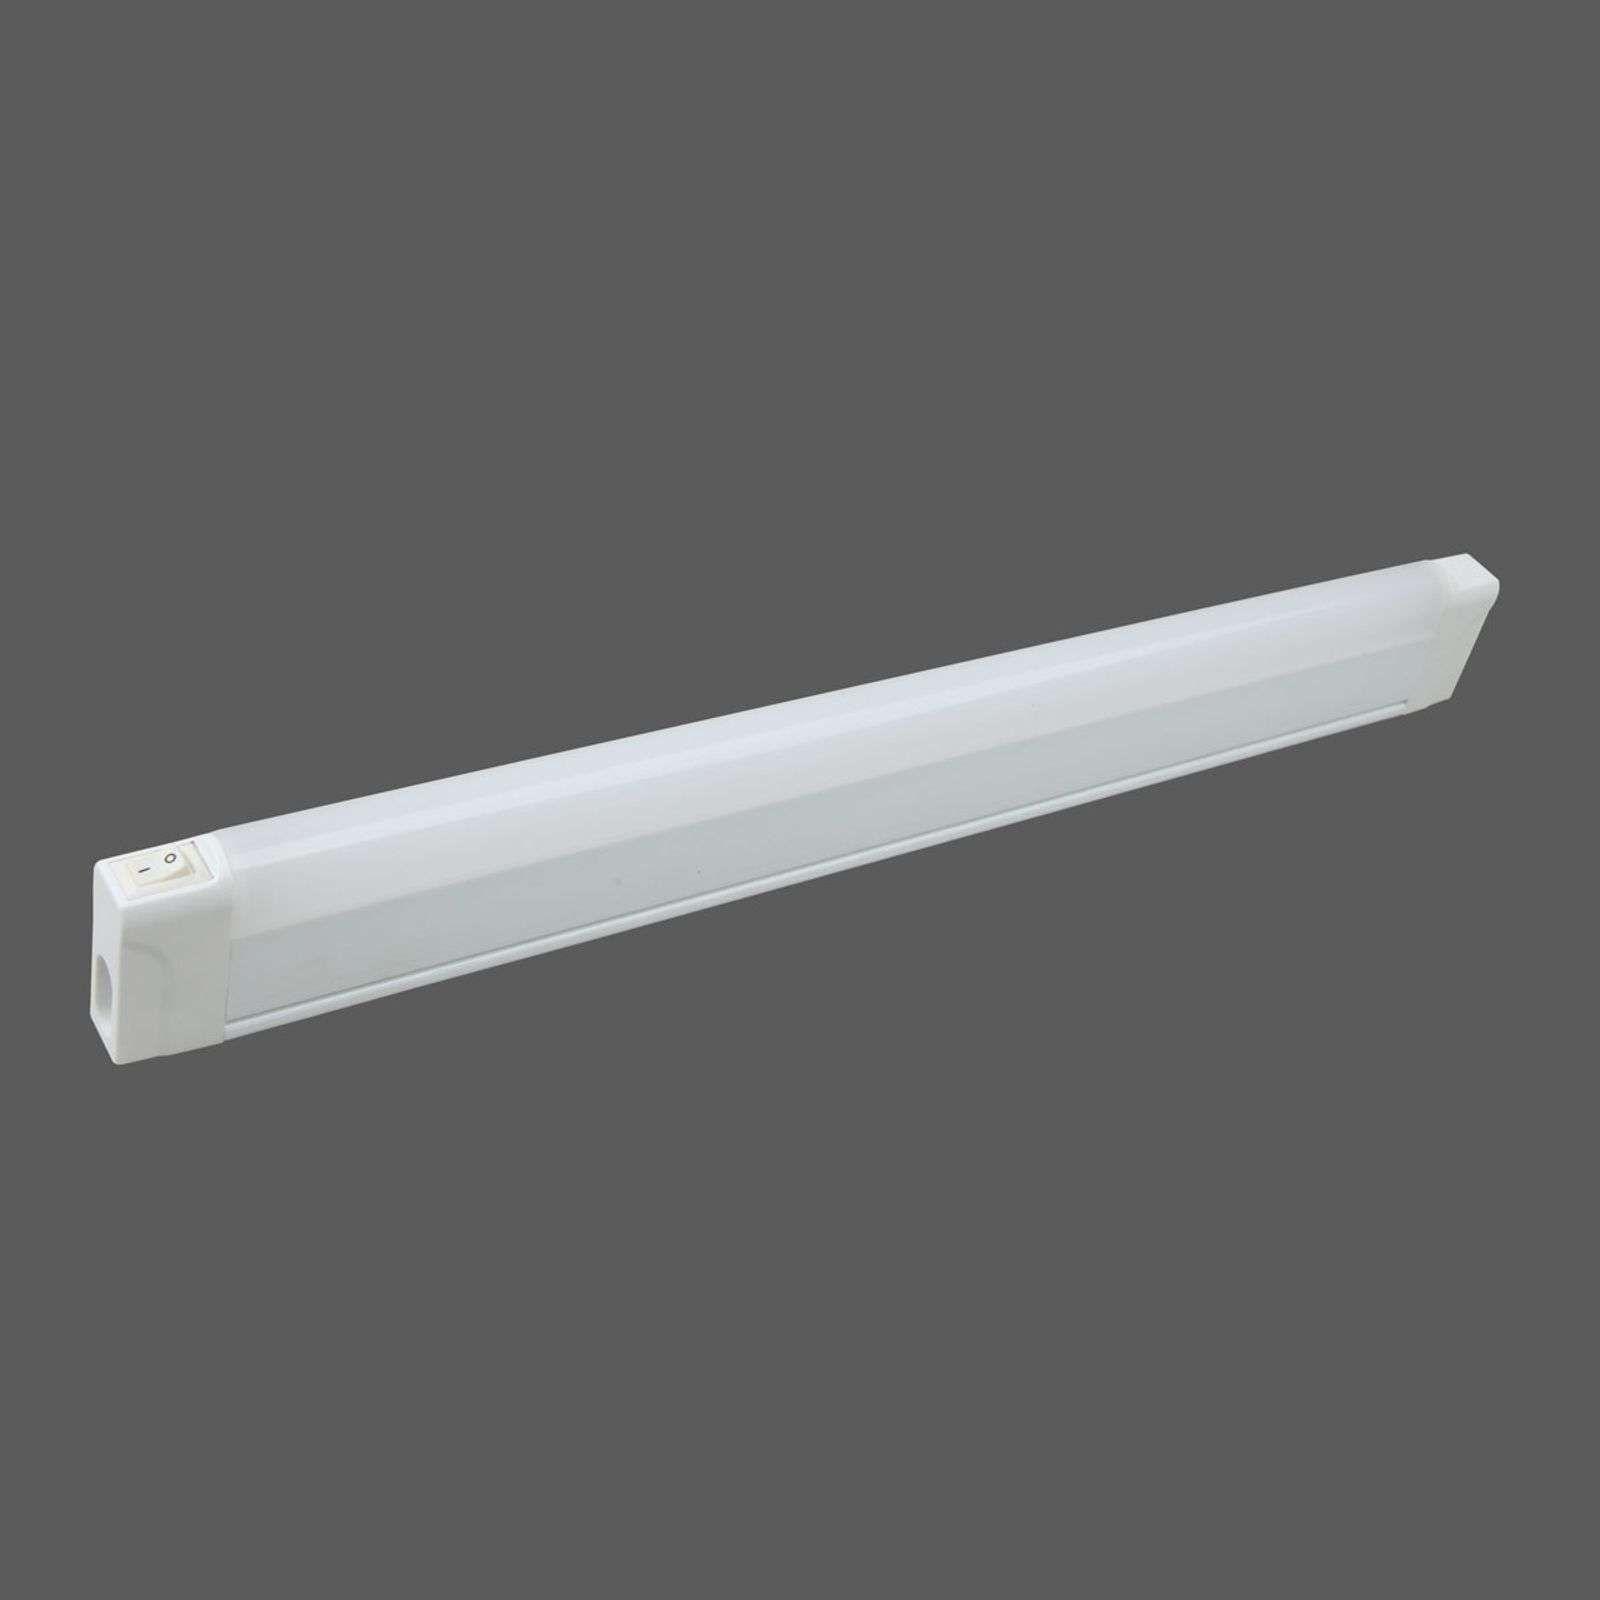 Applique Sous Meuble Led 960 54 5 Cm De Long De Ibv Led Interrupteurs Et Lumiere De Lampe